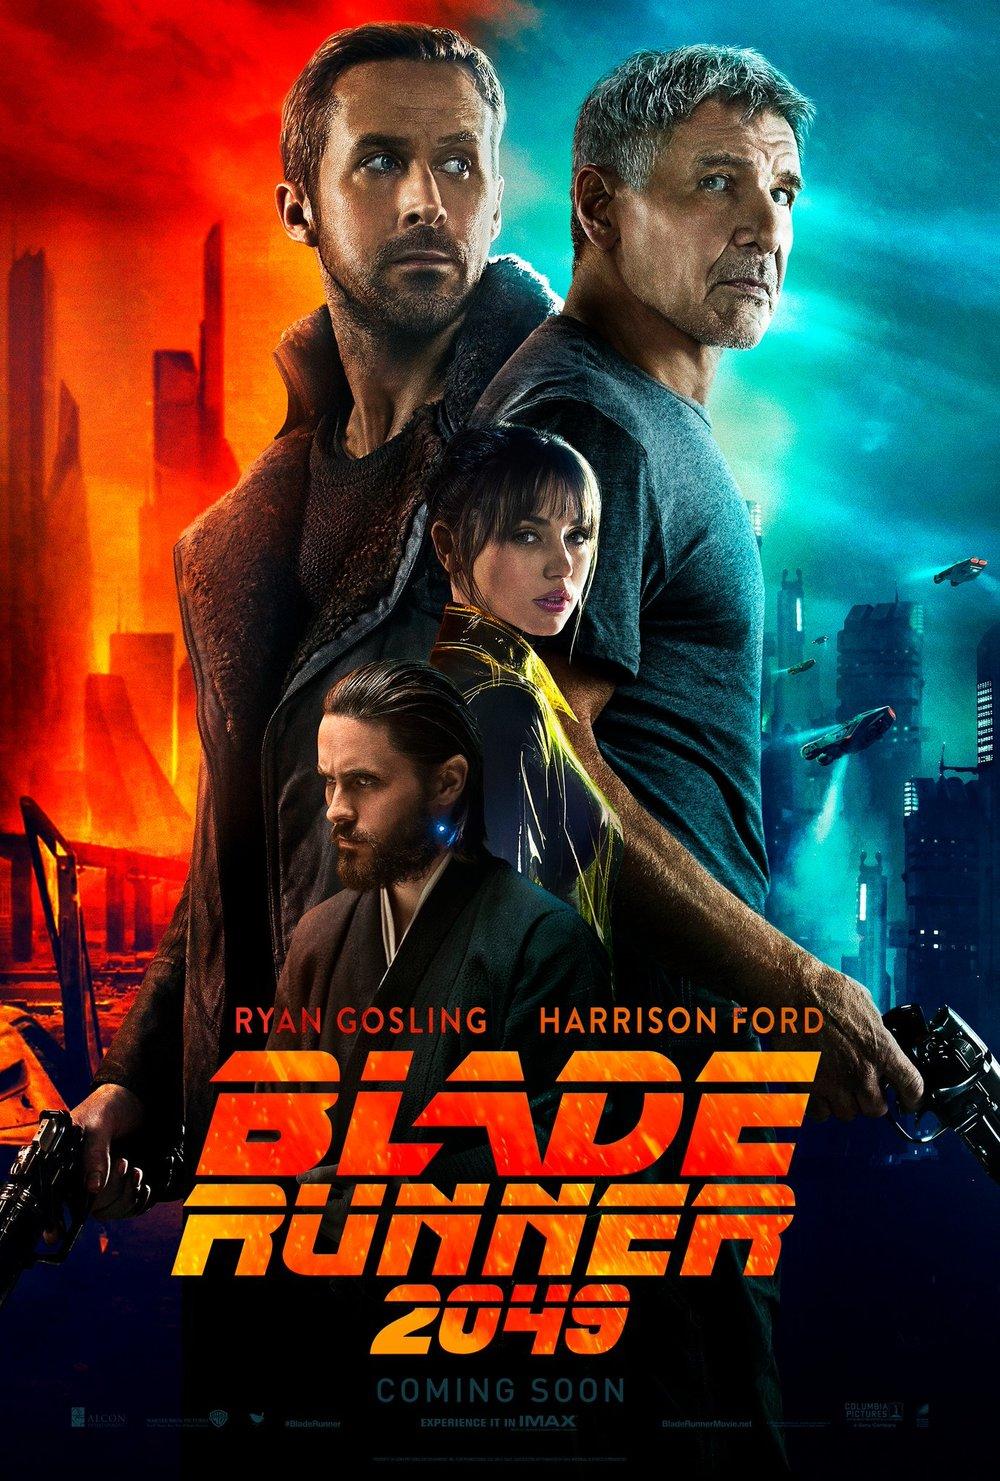 Blade Runner 2049 Poster 1.jpg